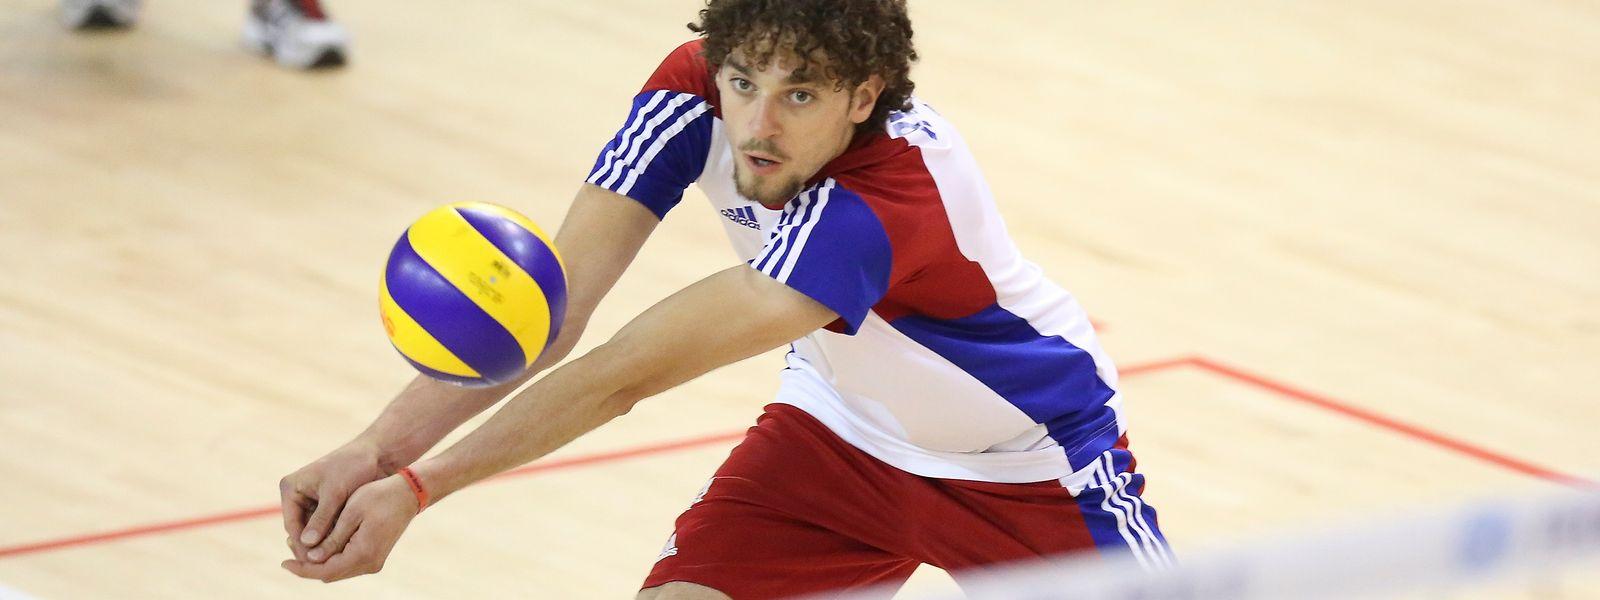 Kamil Rychlickis Traum vom Champions-League-Viertelfinale ist vorbei.